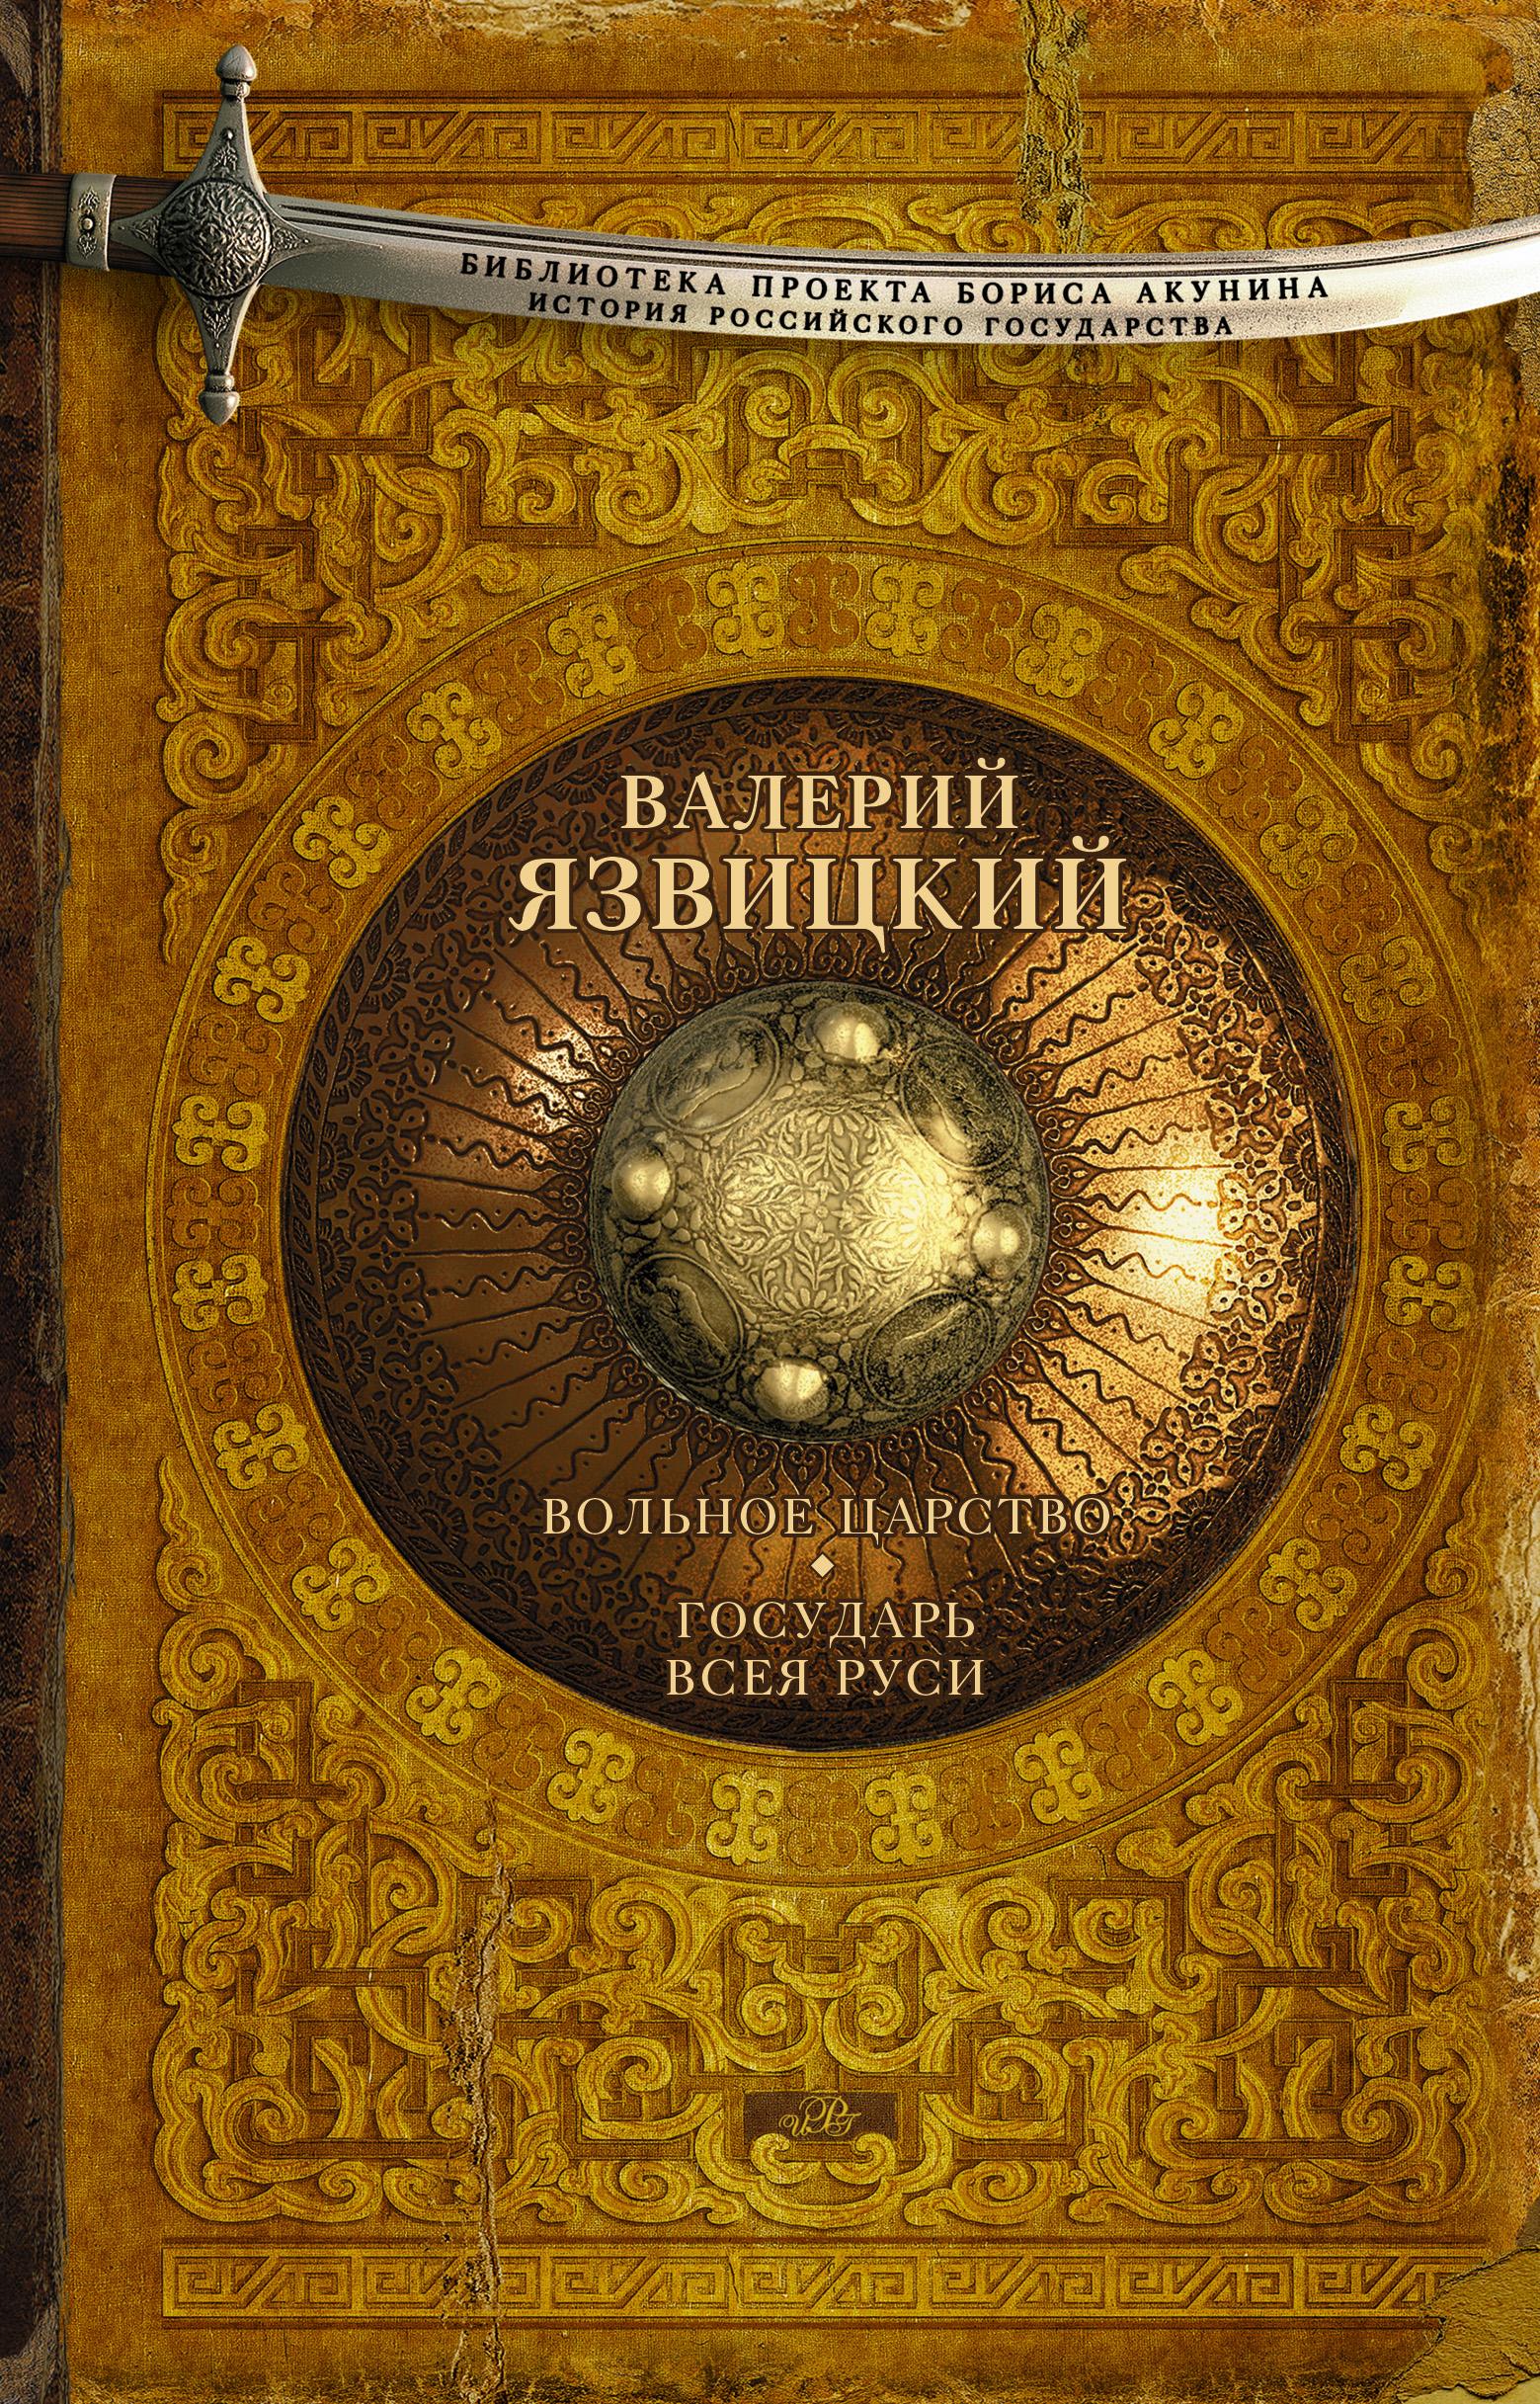 Валерий Язвицкий Вольное царство. Государь всея Руси издательство аст вольное царство государь всея руси